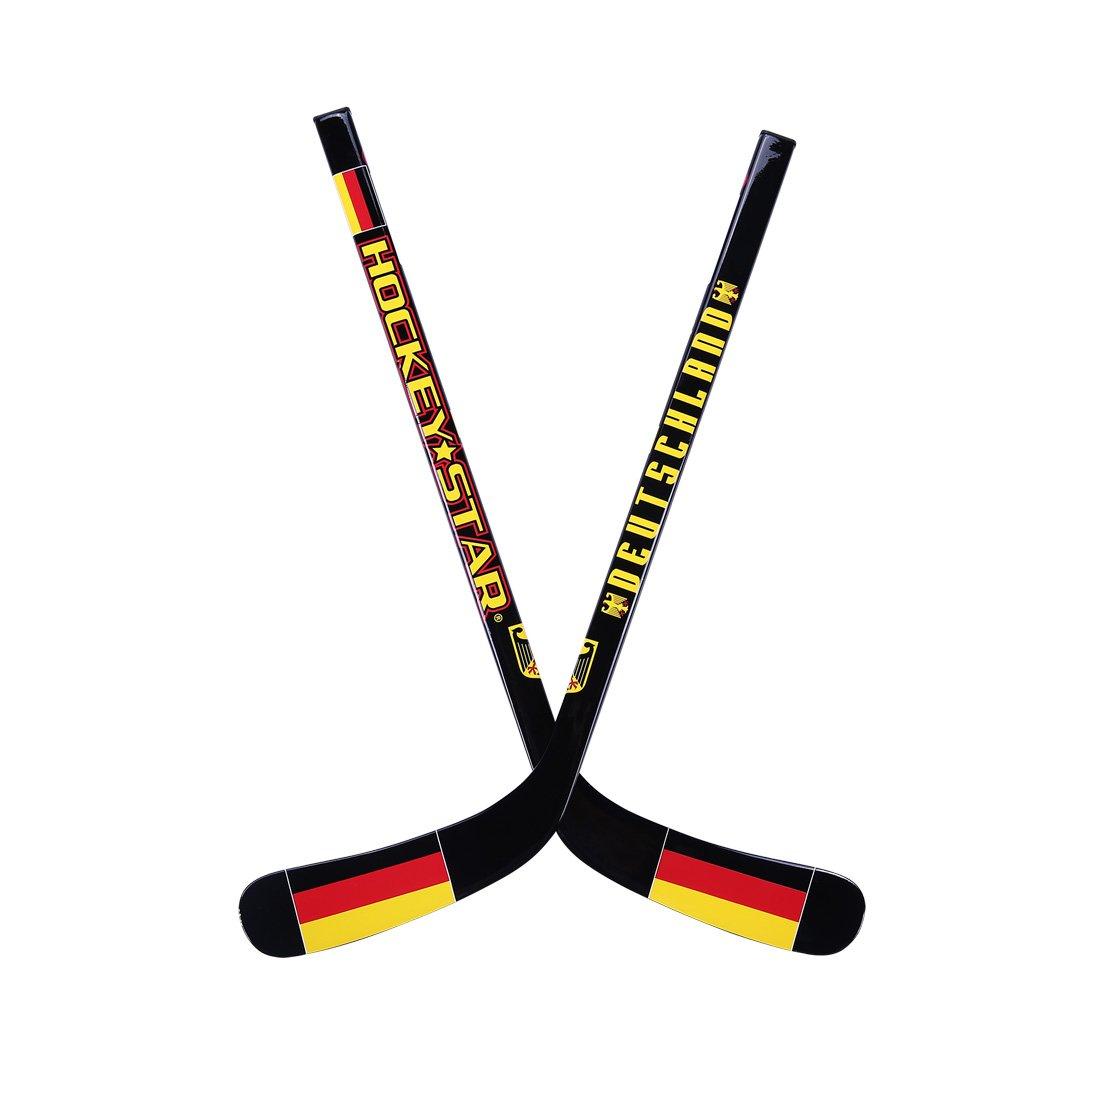 Mini Ice Hockey Stick Hockey Star Kid 's Toys – カーボンファイバーコンポジション高強度Ways for Children 24インチ B075QJ5T8Pblack